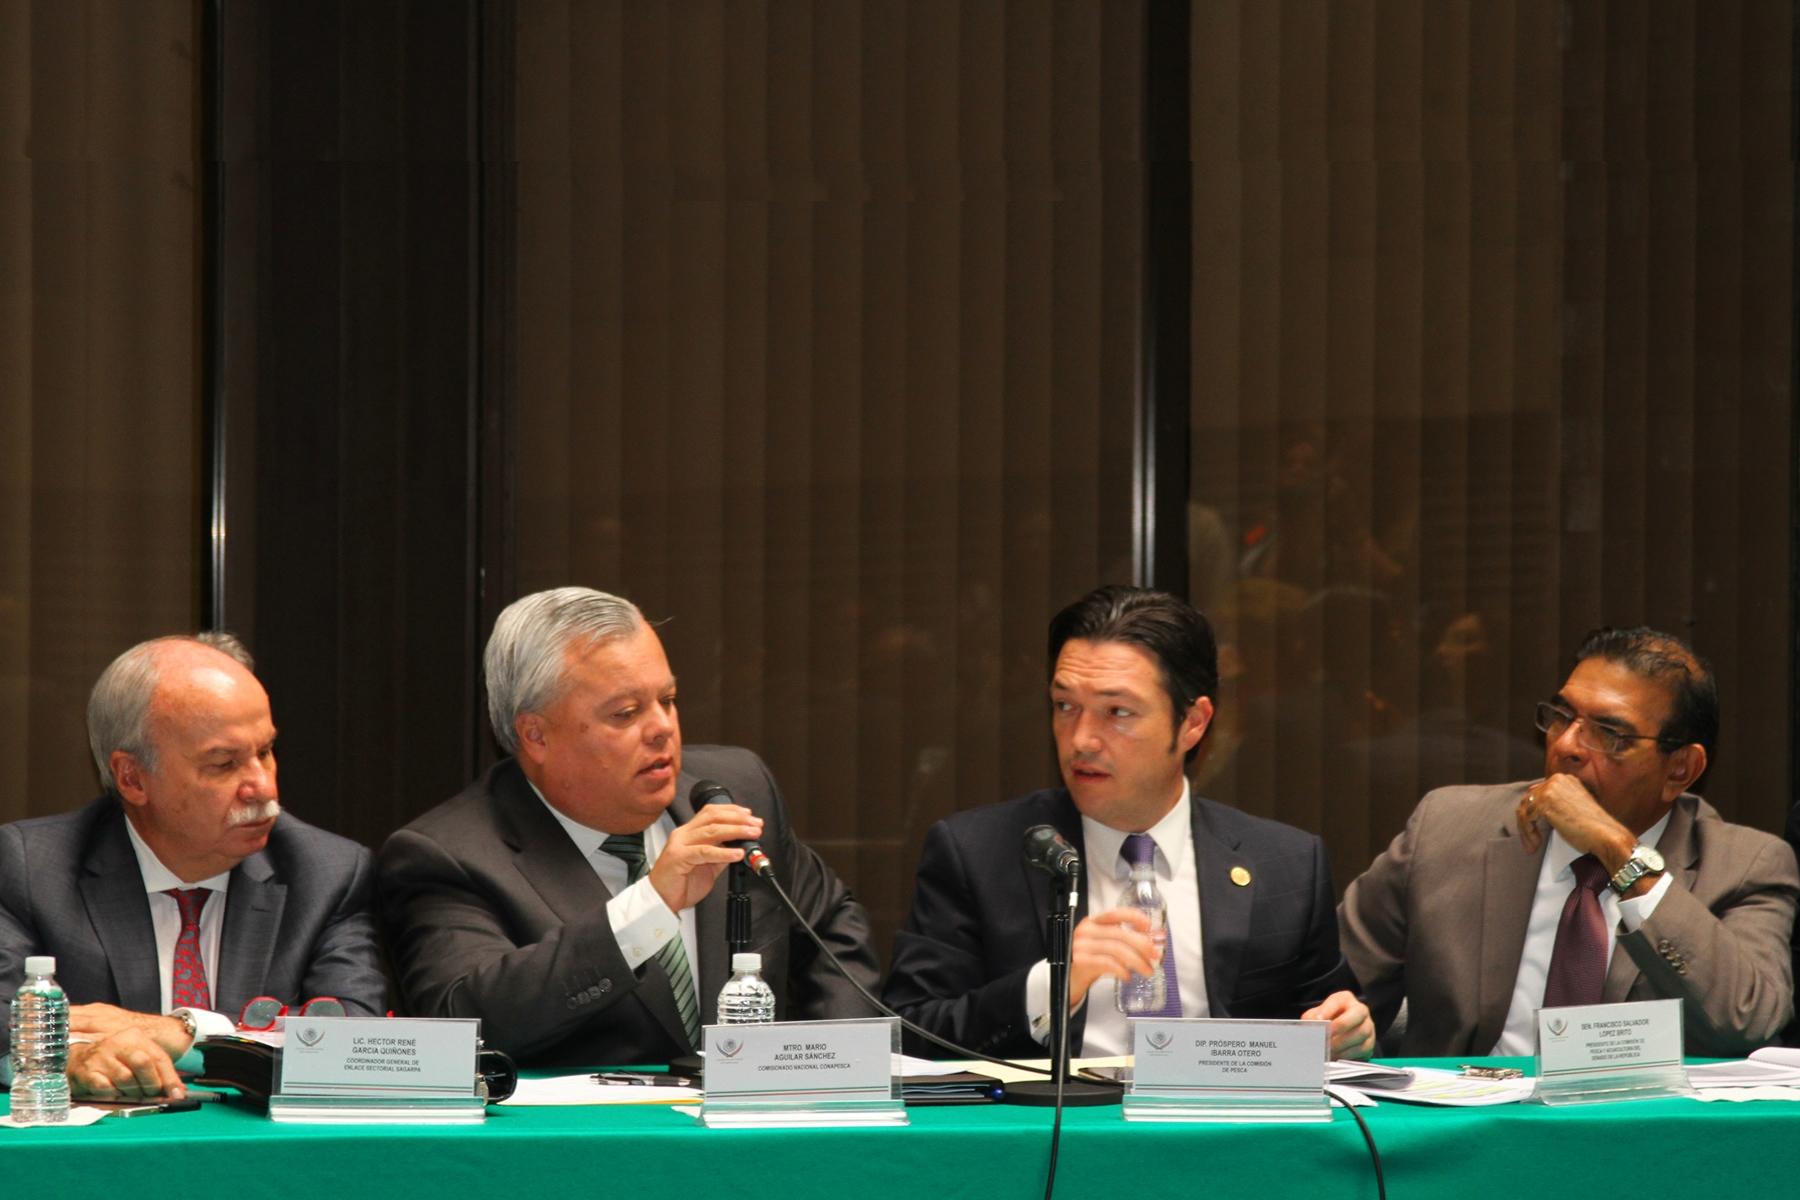 Participó el titular de la CONAPESCA, Mario Aguilar Sánchez, en la instalación de la Comisión de Pesca de la LXIII Legislatura de la Cámara de Diputados, presidida por el legislador Próspero Manuel Ibarra Otero.